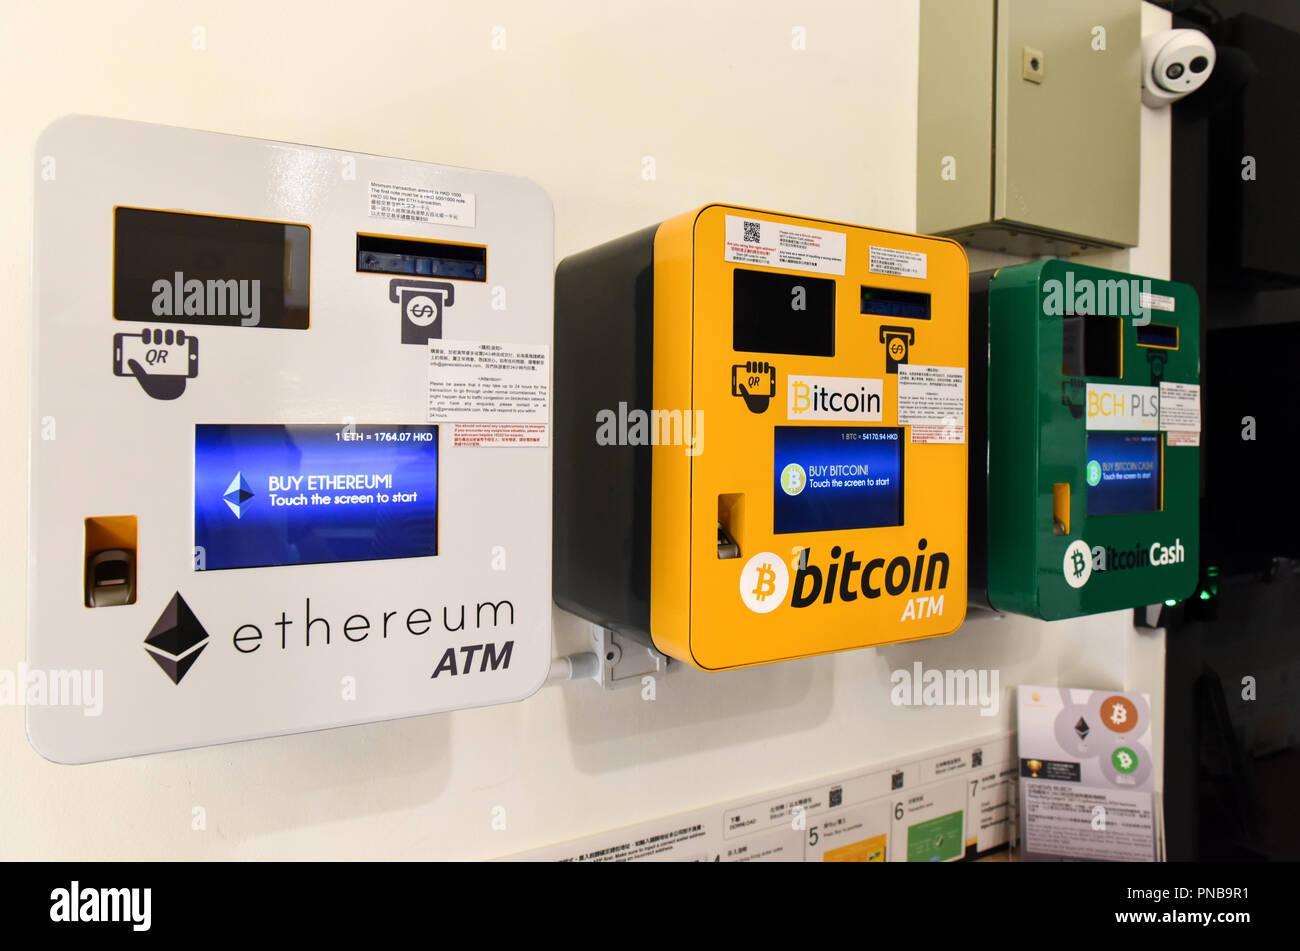 HONG KONG, Hong Kong SAR, China: 20. SEPTEMBER 2018. Bitcoin und des Astraleums Geldautomaten installiert an der Genesis Block Wan Chai. Genesis Block ist ein OTC-Handel Stockbild